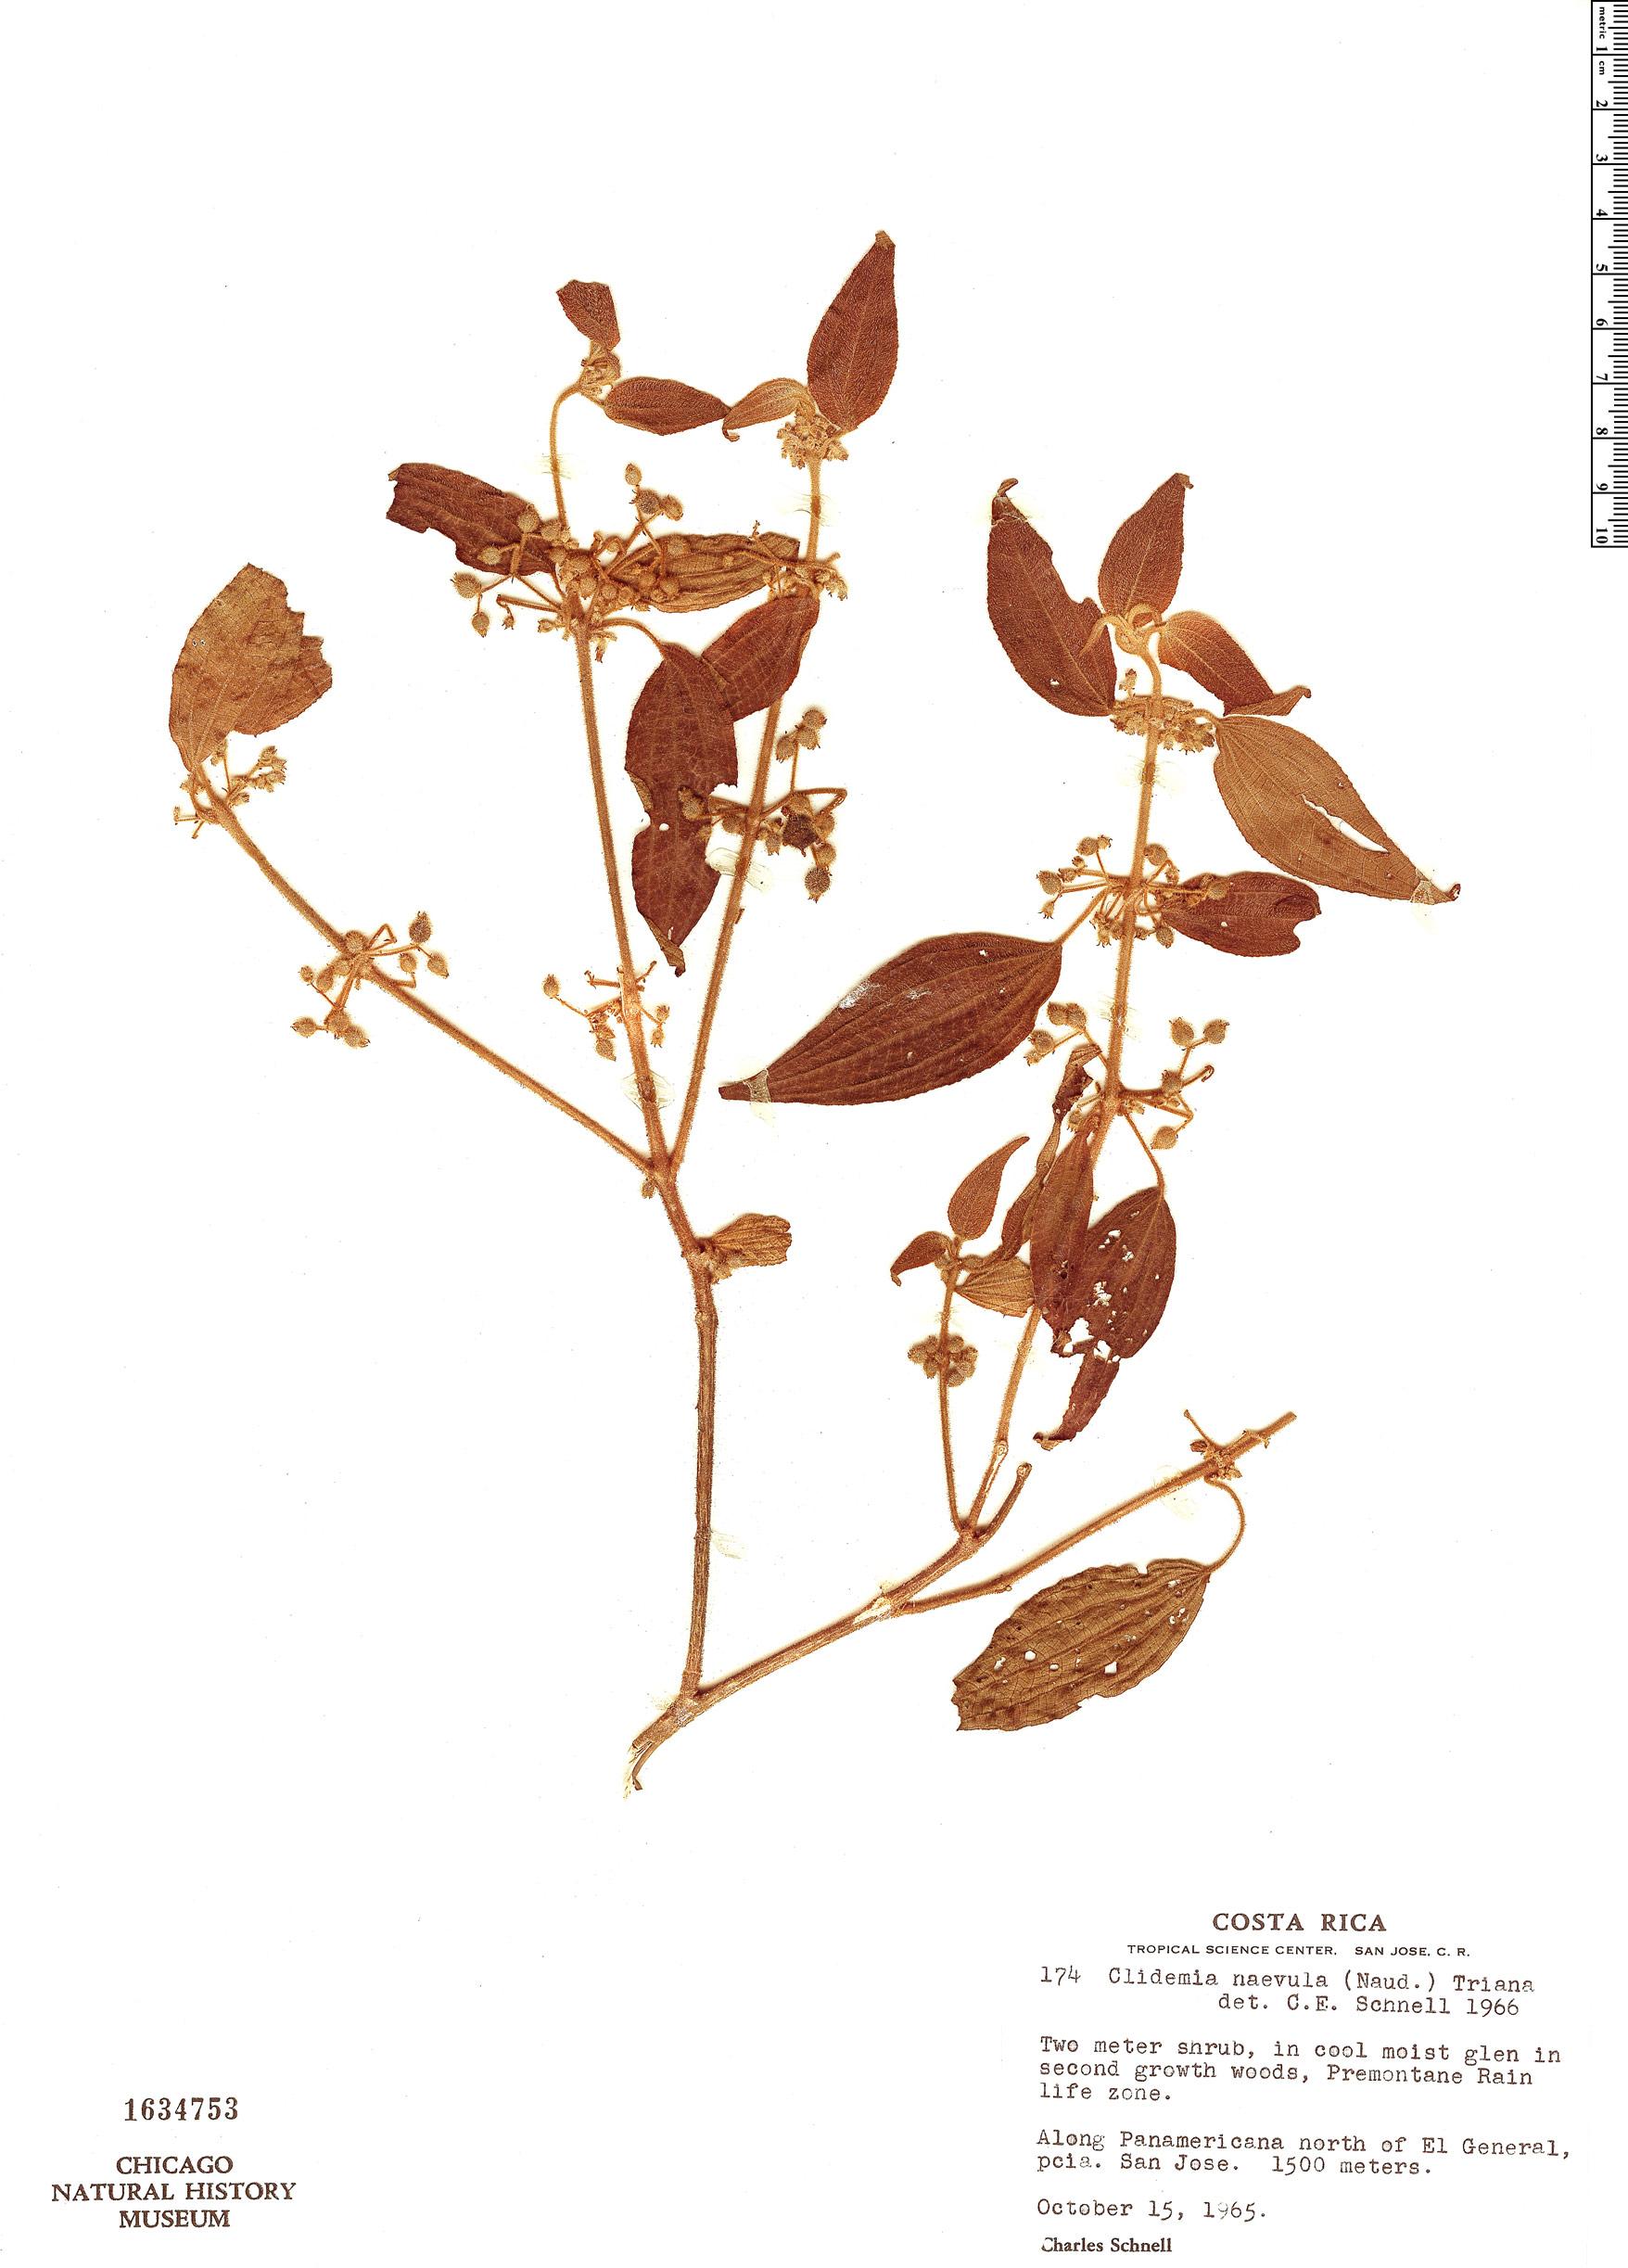 Specimen: Clidemia naevula